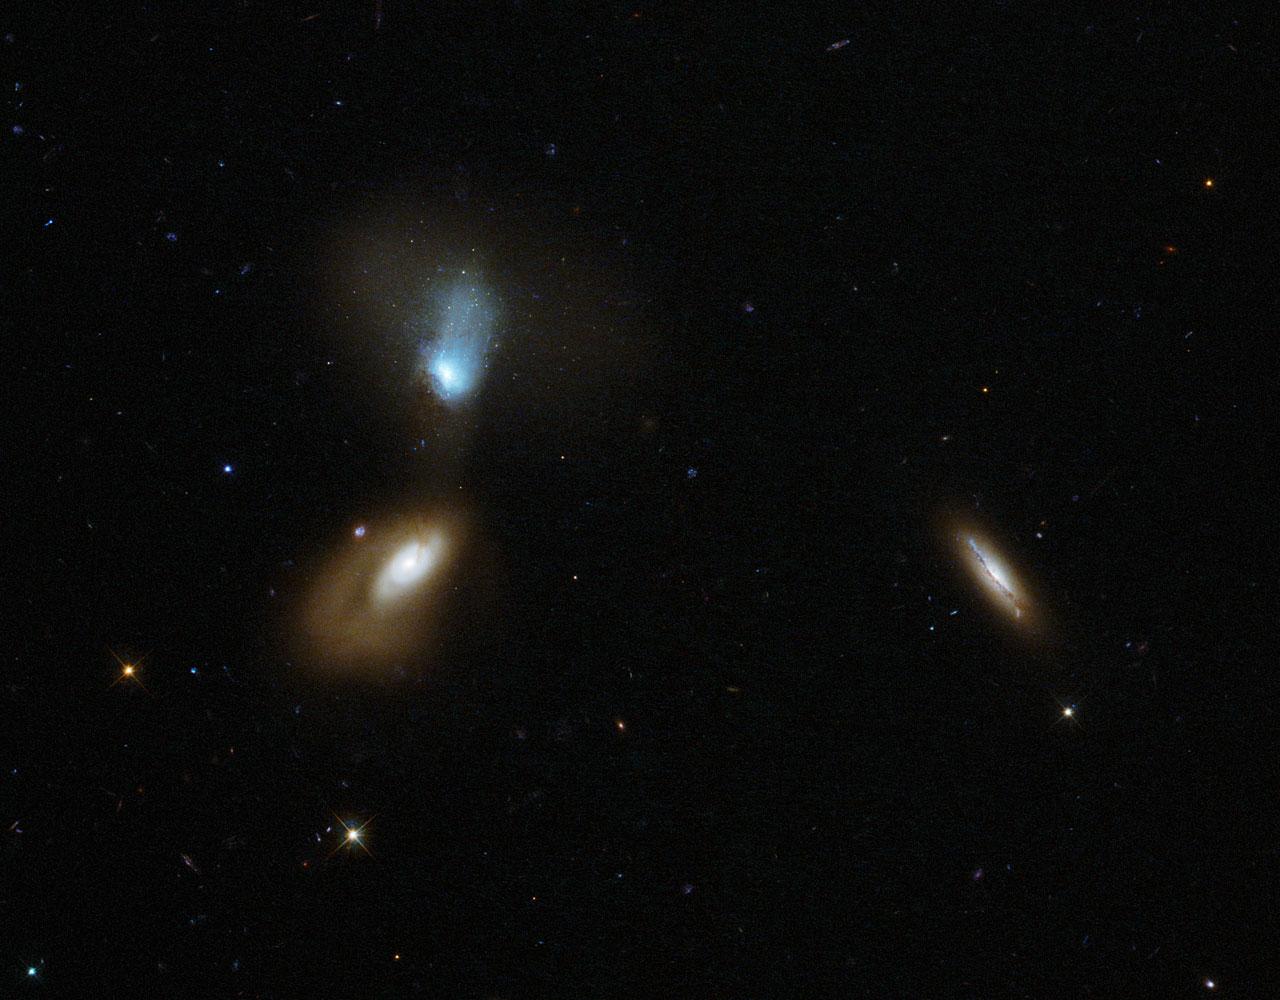 Image credit: ESA/Hubble & NASA Acknowledgement: Judy Schmidt